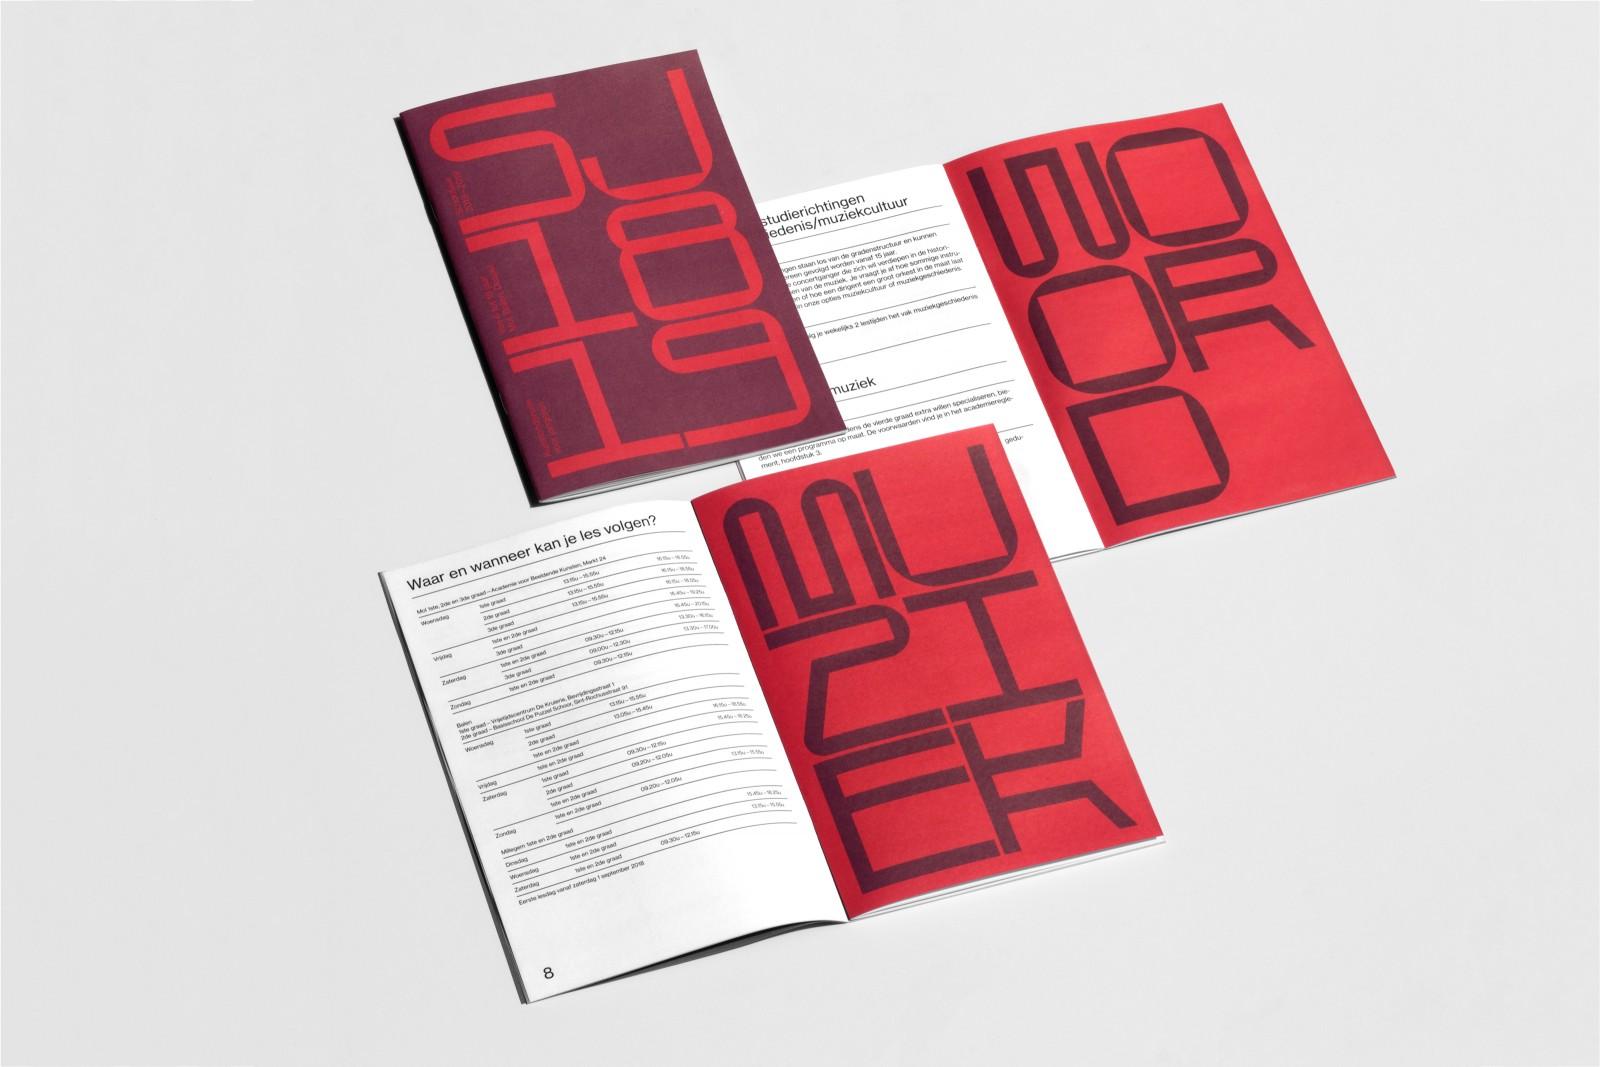 Vrints-Kolsteren —Academie voor Beeldende Kunsten Mol